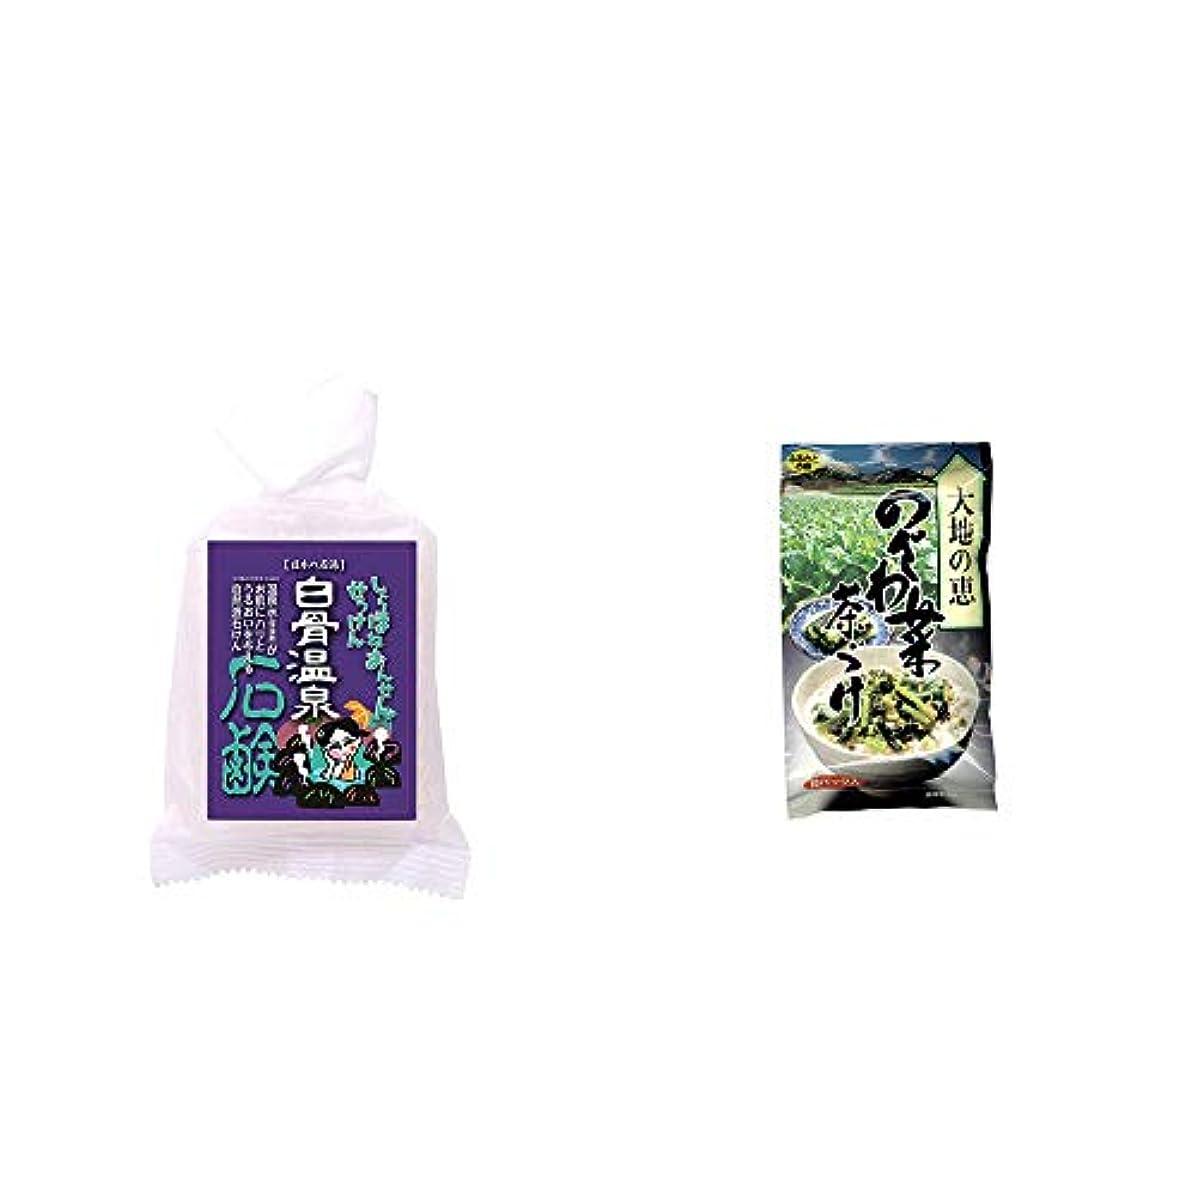 永久に尾セクタ[2点セット] 信州 白骨温泉石鹸(80g)?特選茶漬け 大地の恵 のざわ菜茶づけ(10袋入)